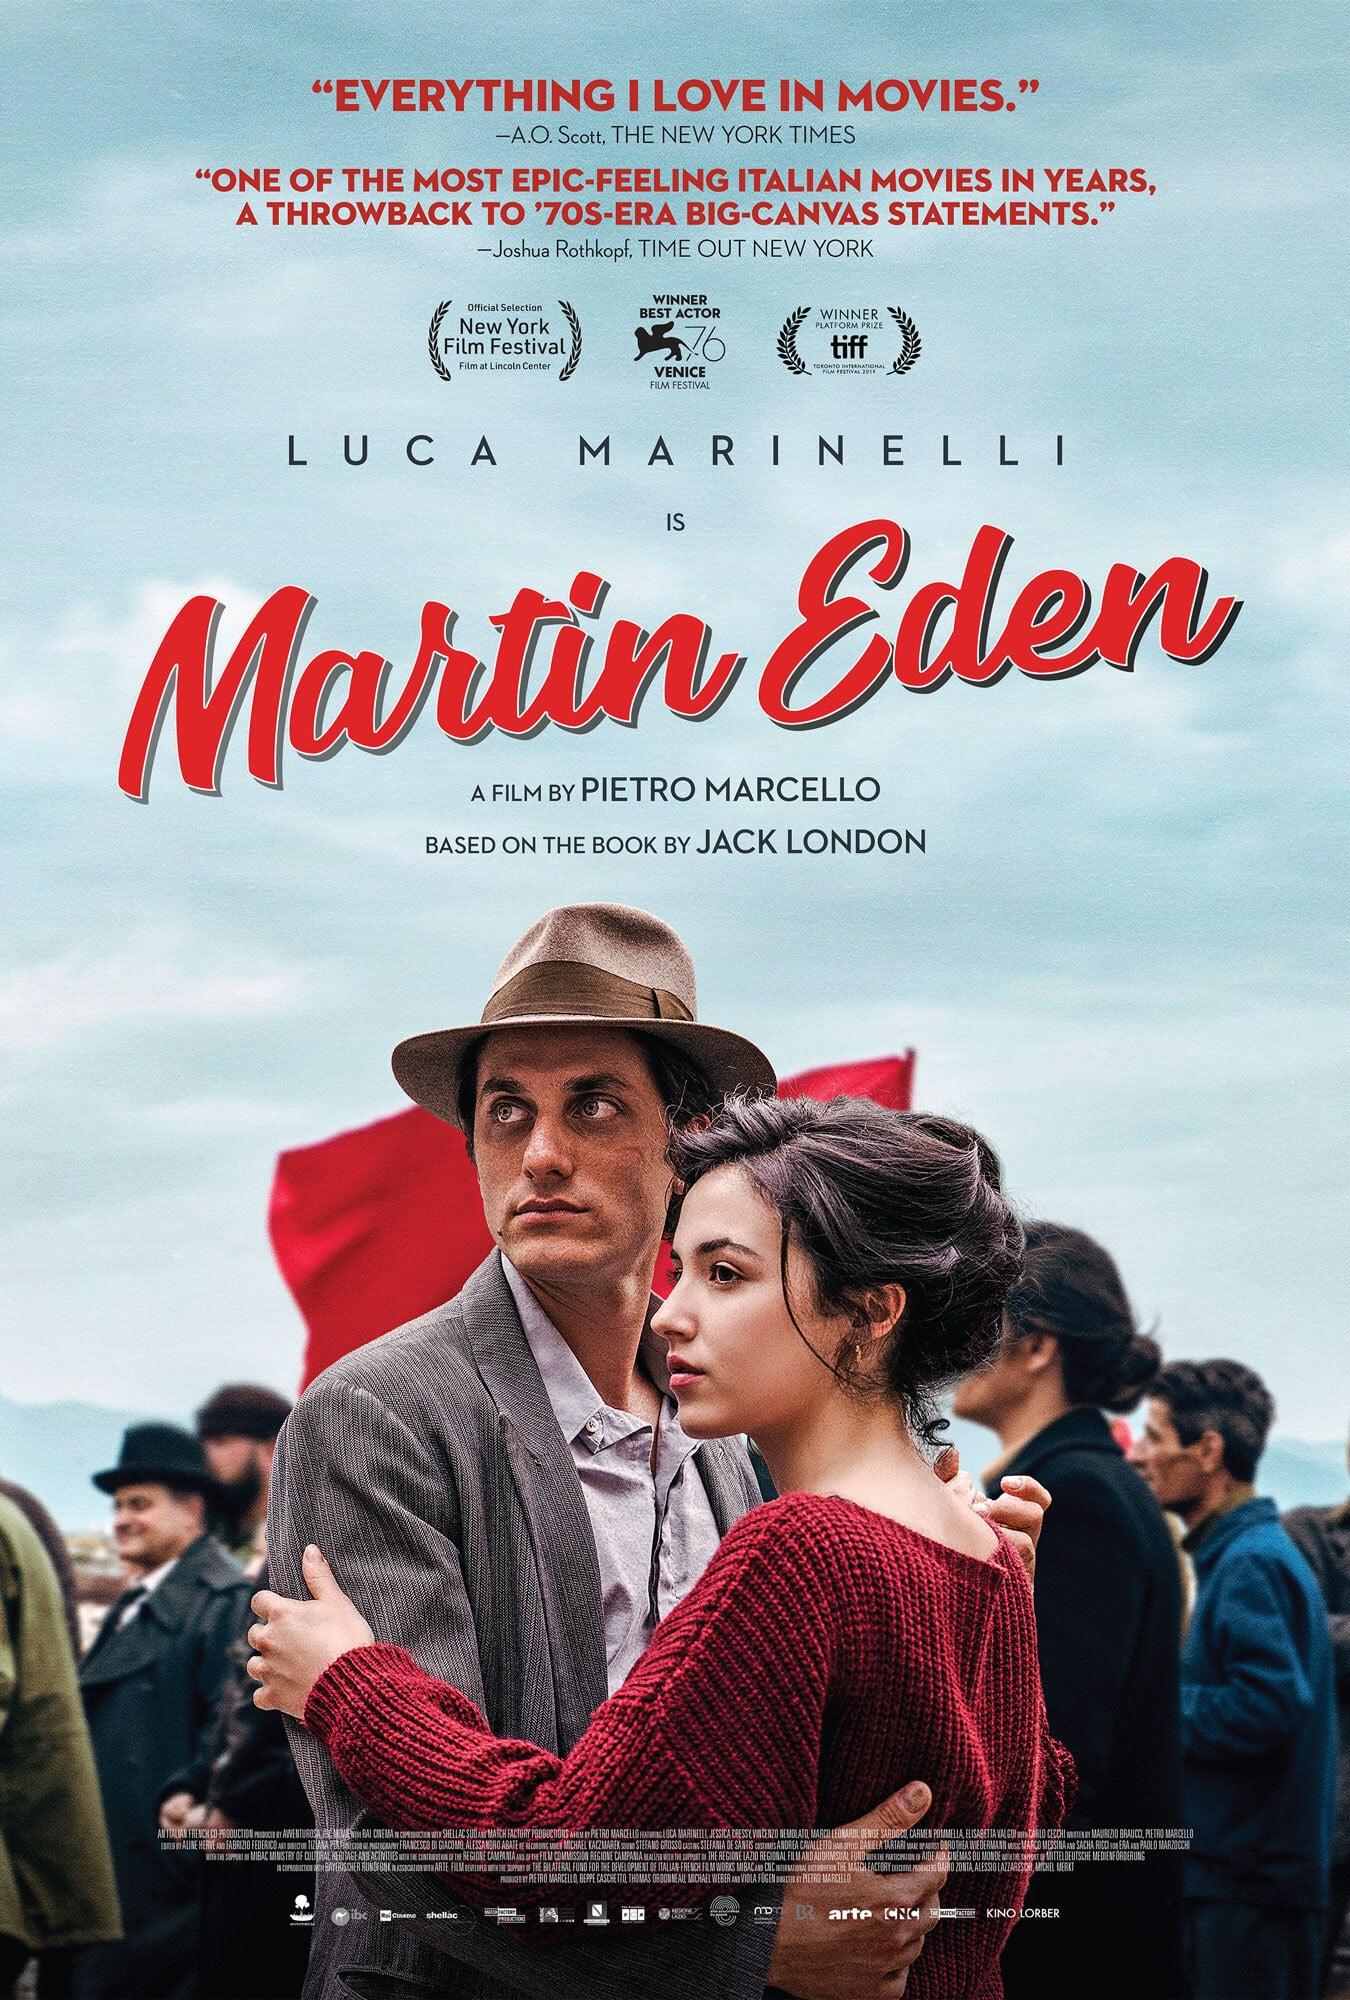 Poster for Martin Eden